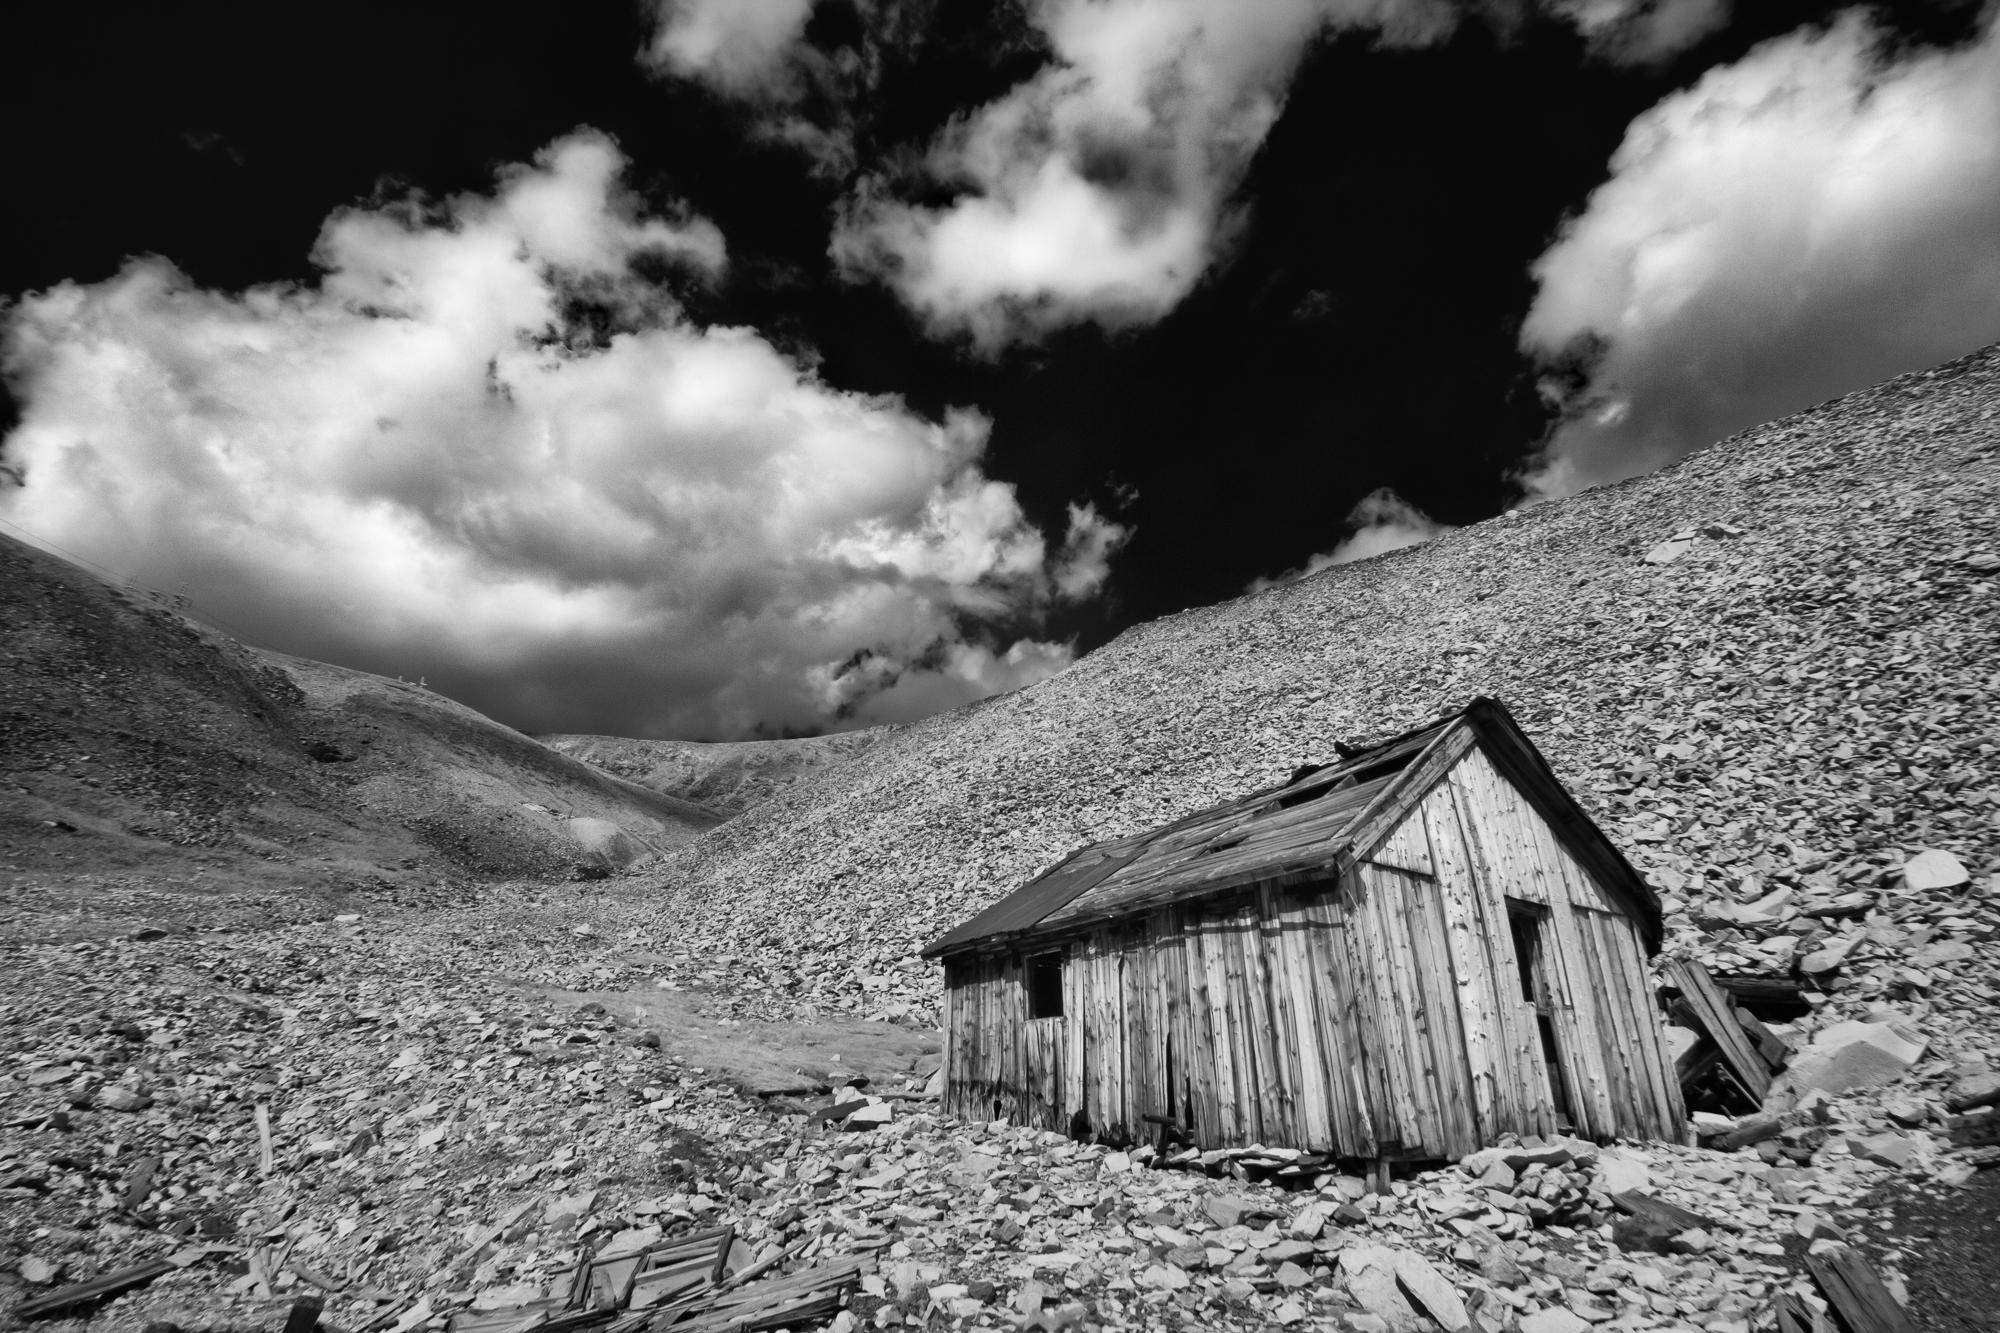 Derelict Mining Cabin